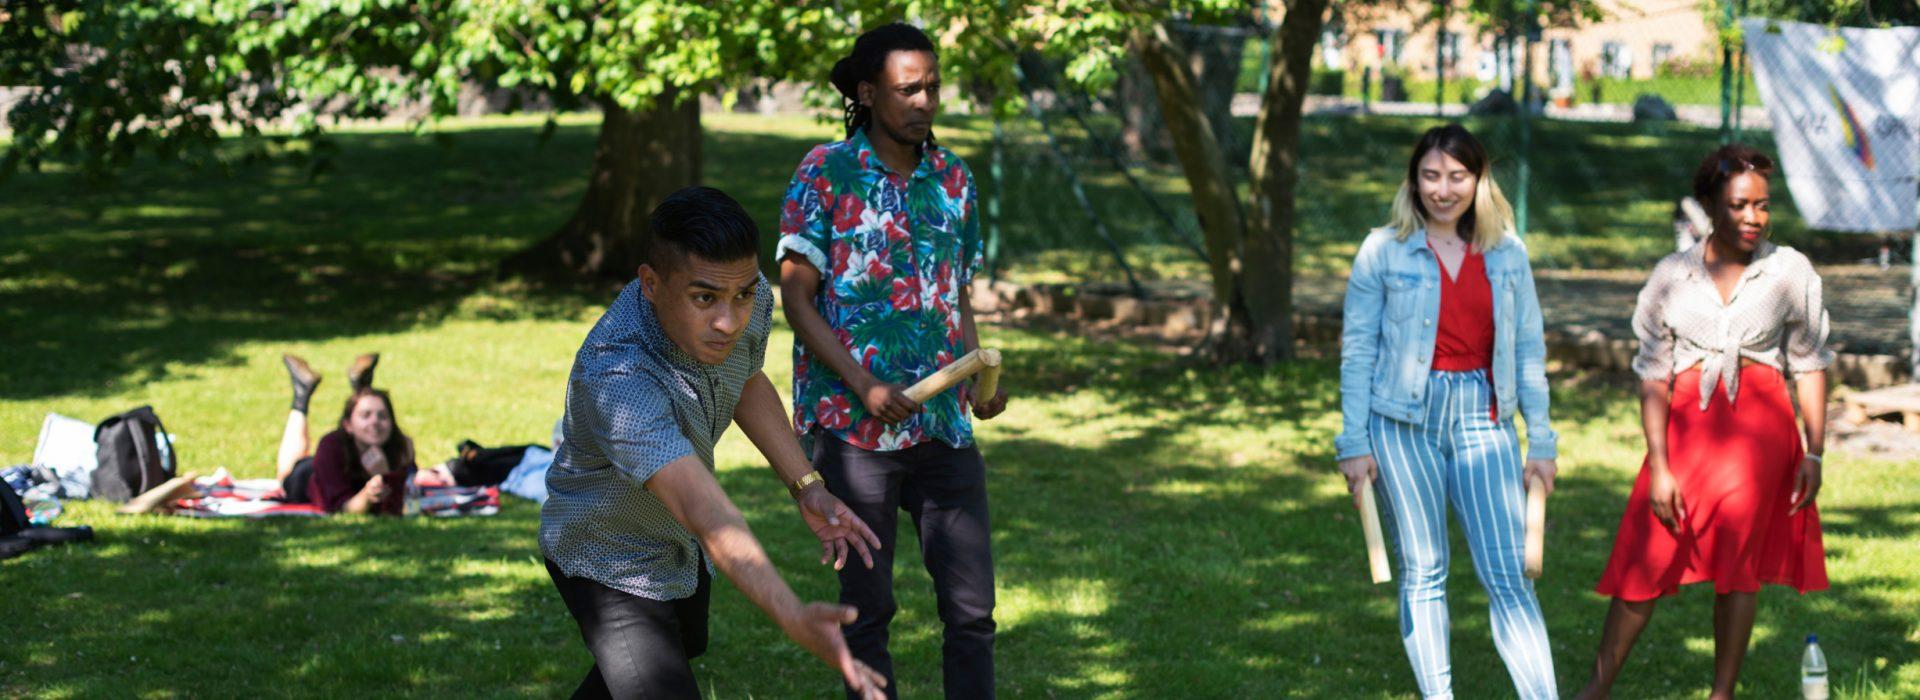 Kubb Spieler im Park